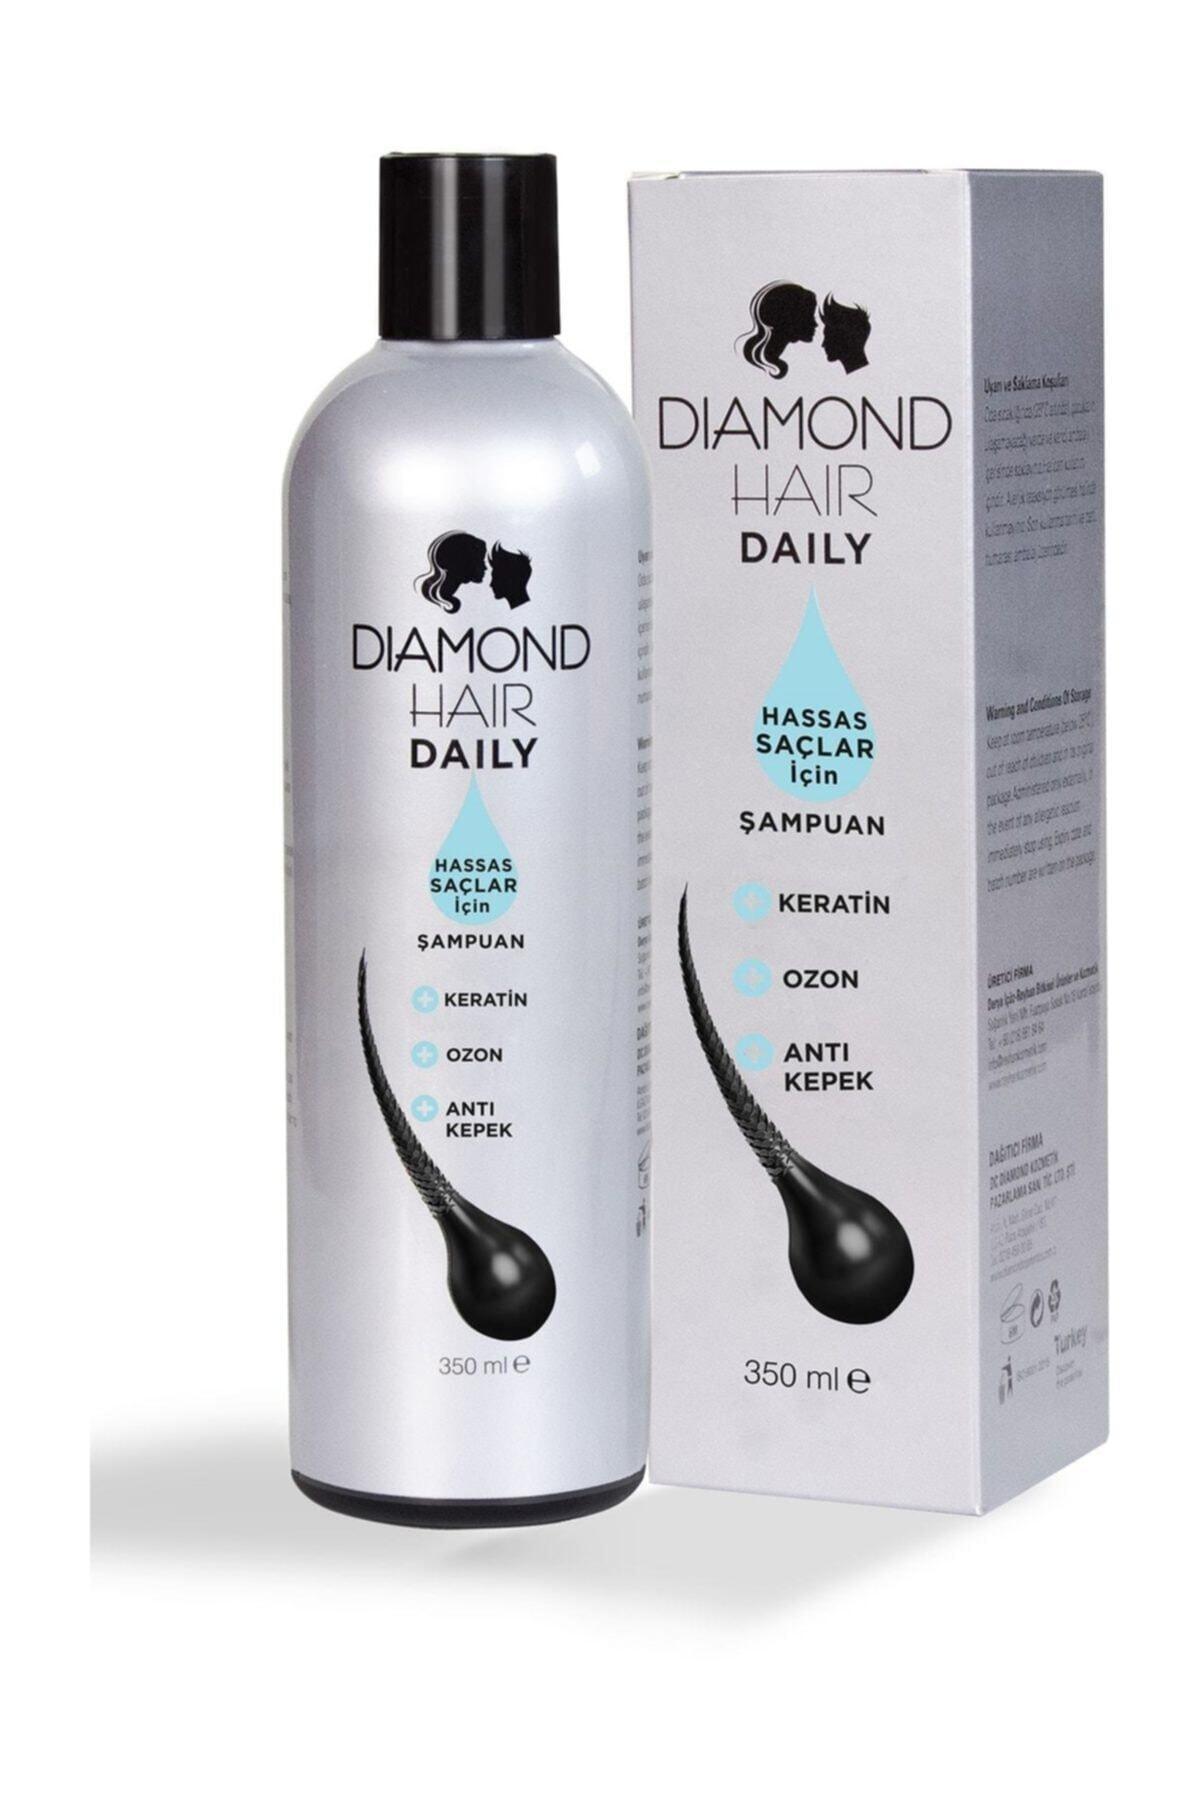 DIAMOND HAIR Hassas Saçlar için Hair Şampuan 350 ml 8680652024276 1